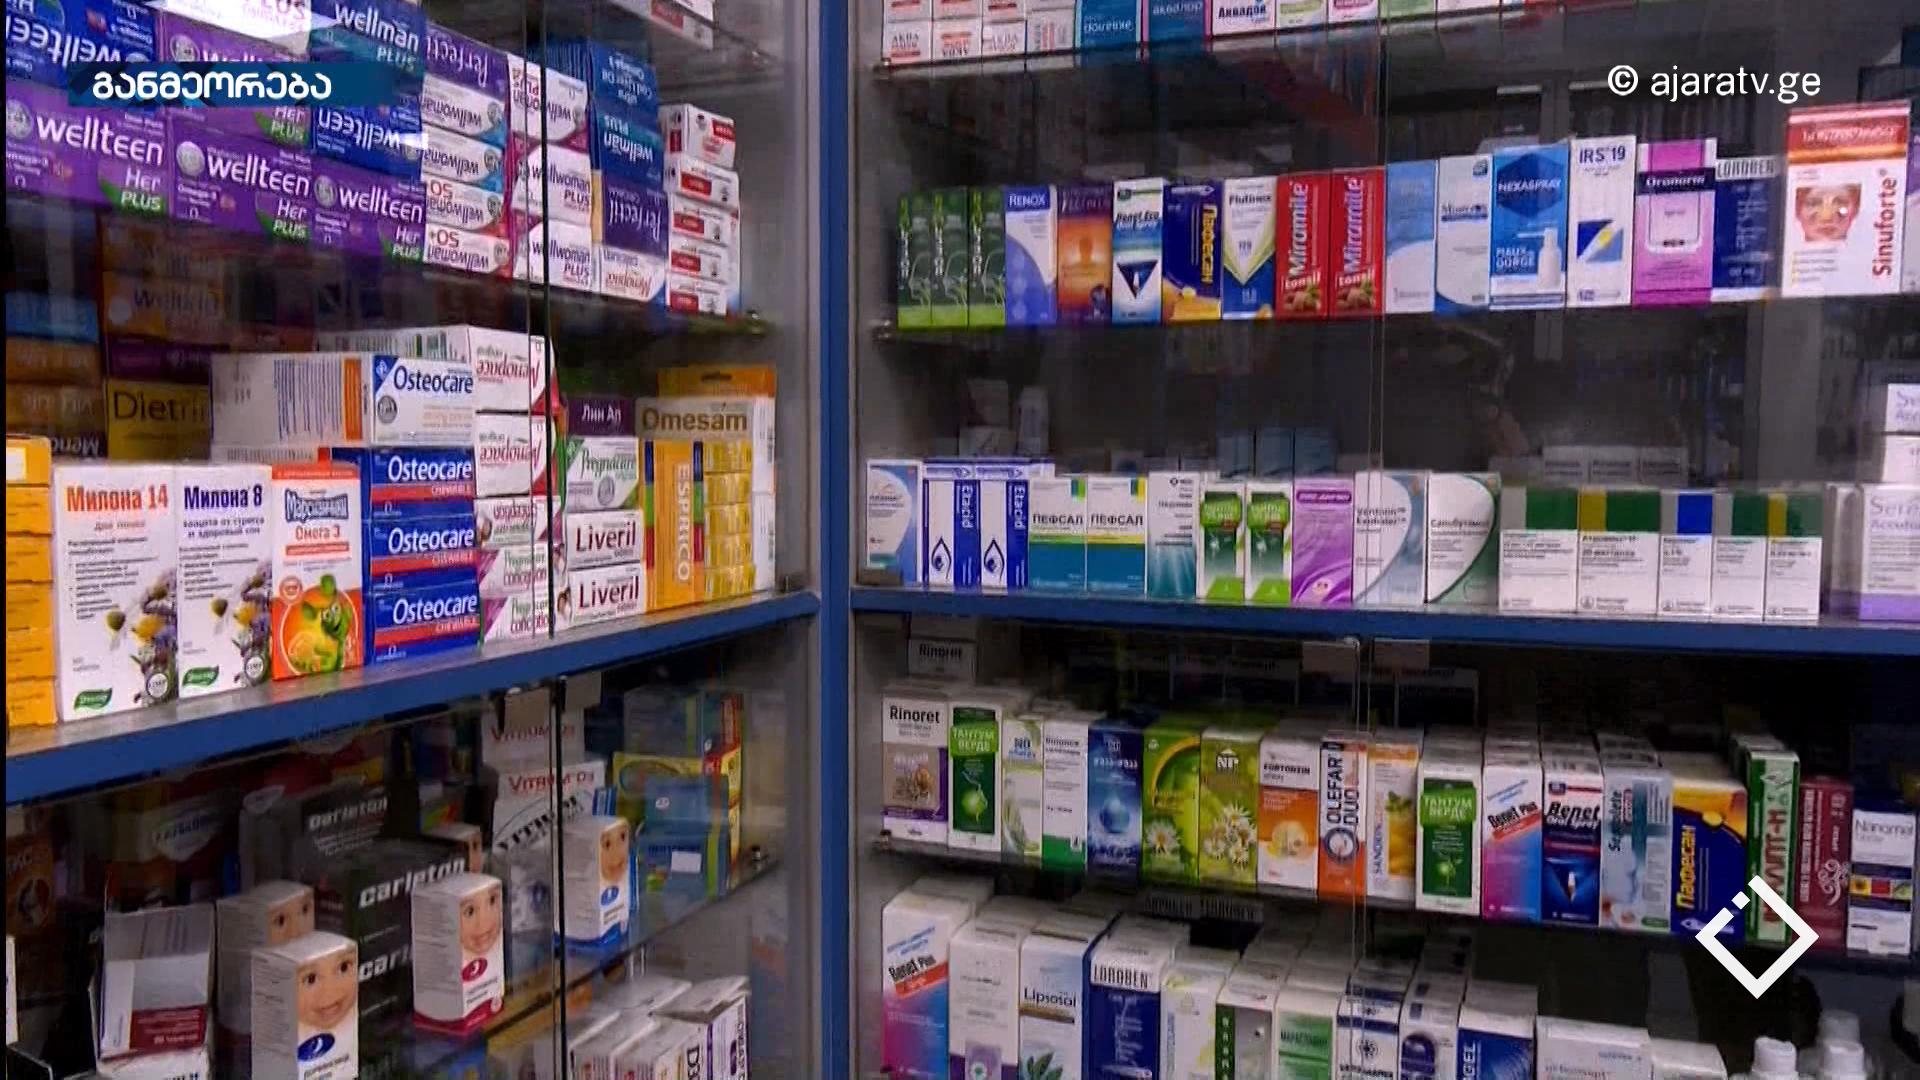 მედიკამენტებზე გაზრდილი ფასები - ჯანდაცვის ხარჯები